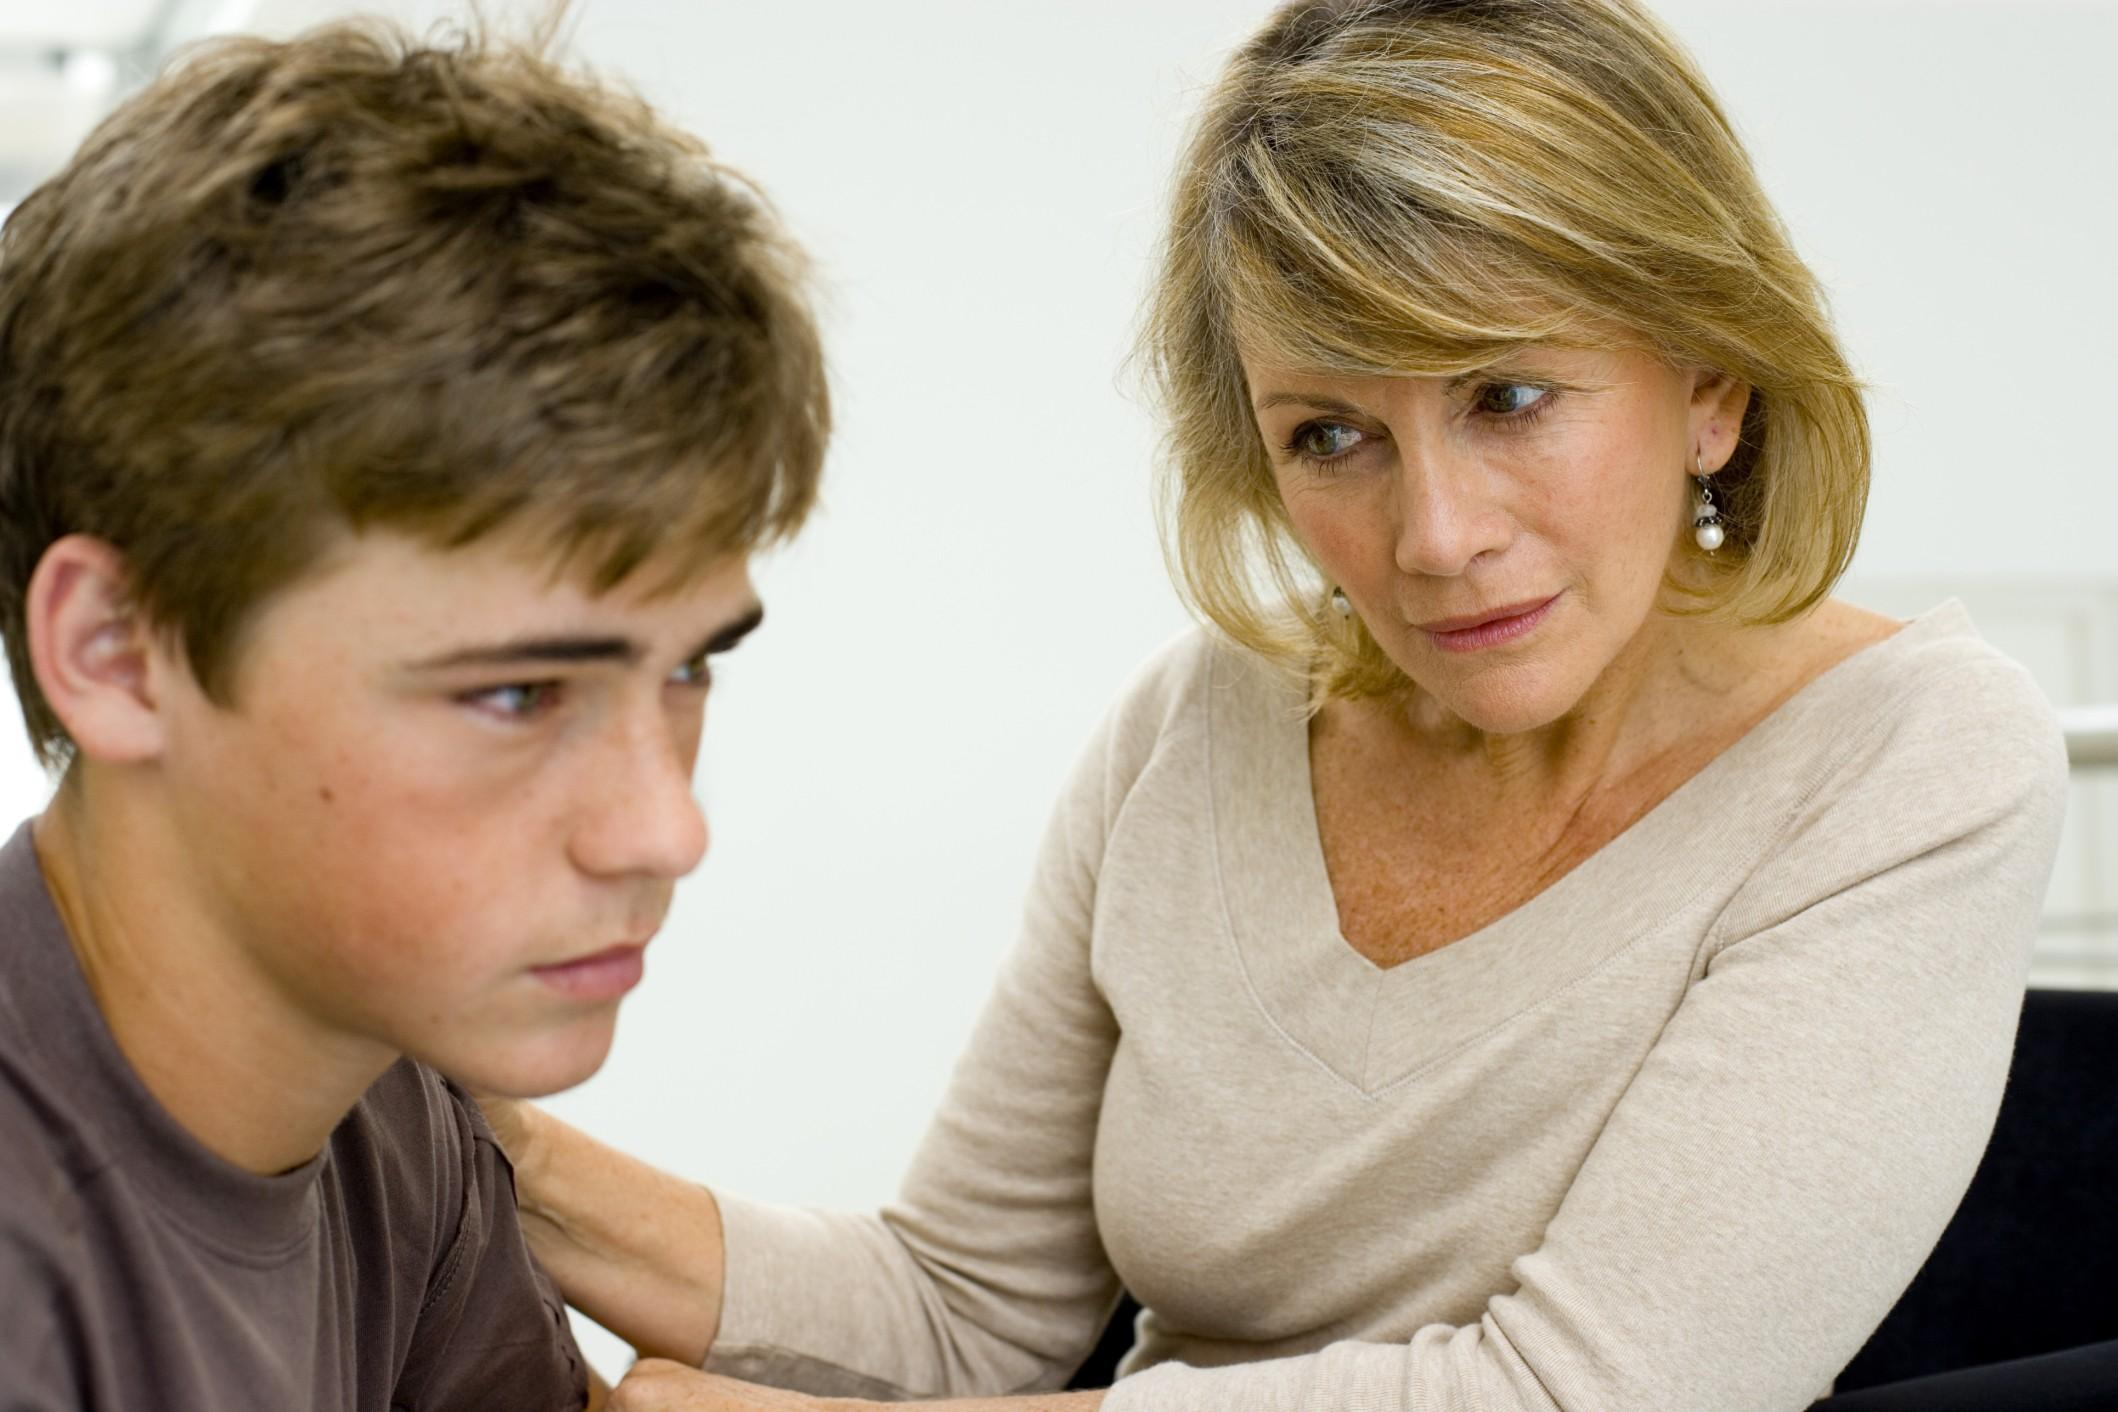 come-parlare-ad-un-figlio-adolescente_